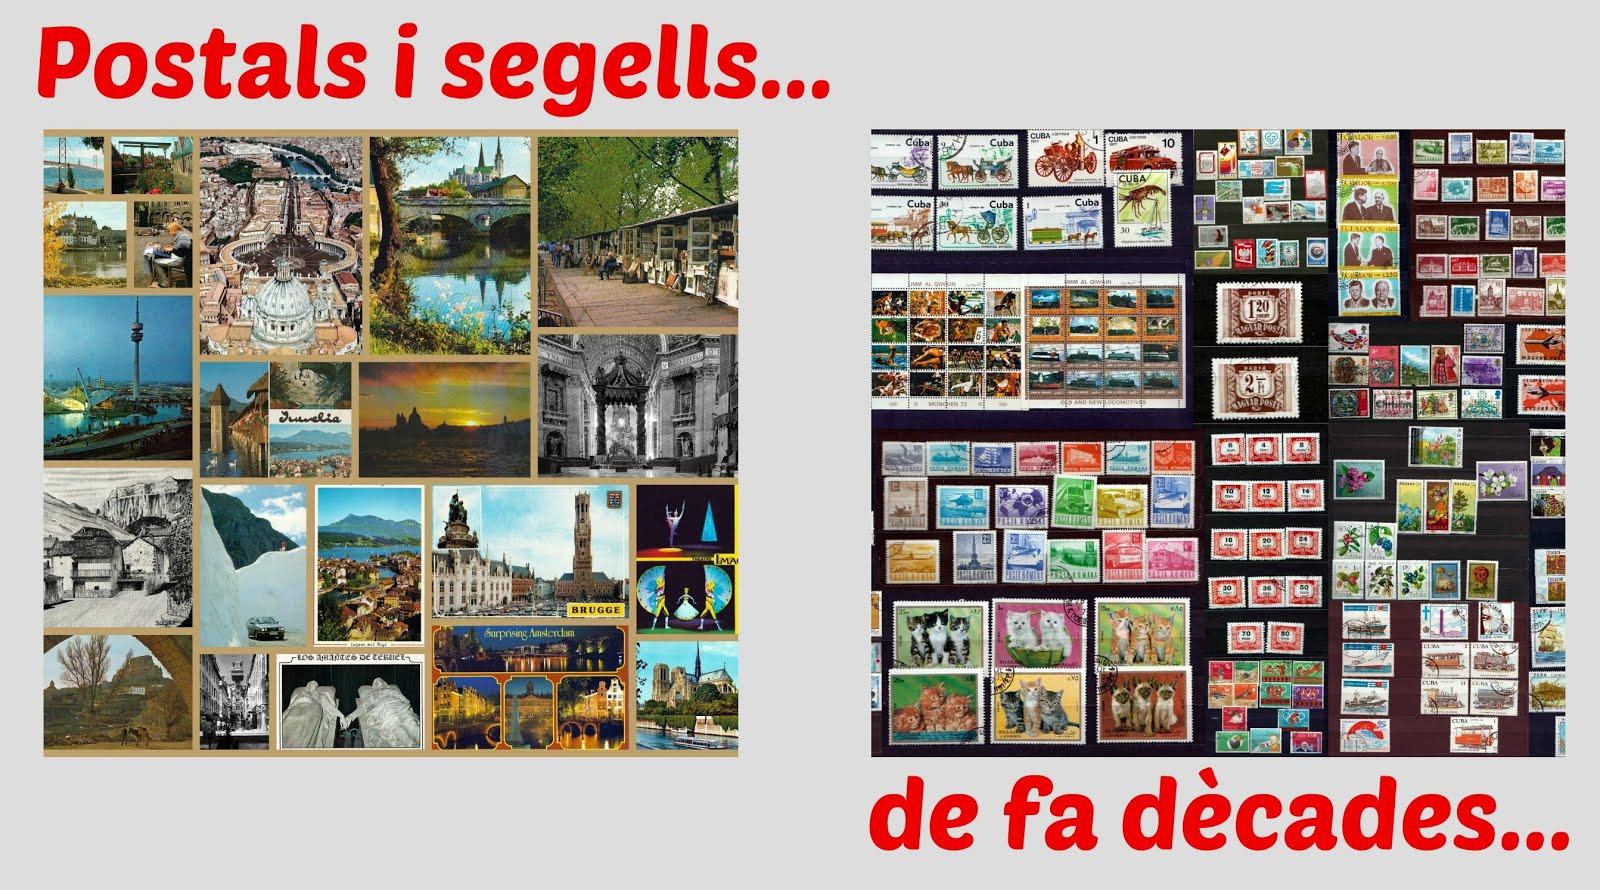 PÀGINA: M'agradava COL.LECCIONAR segells i postals...per enmagatzemar somnis.